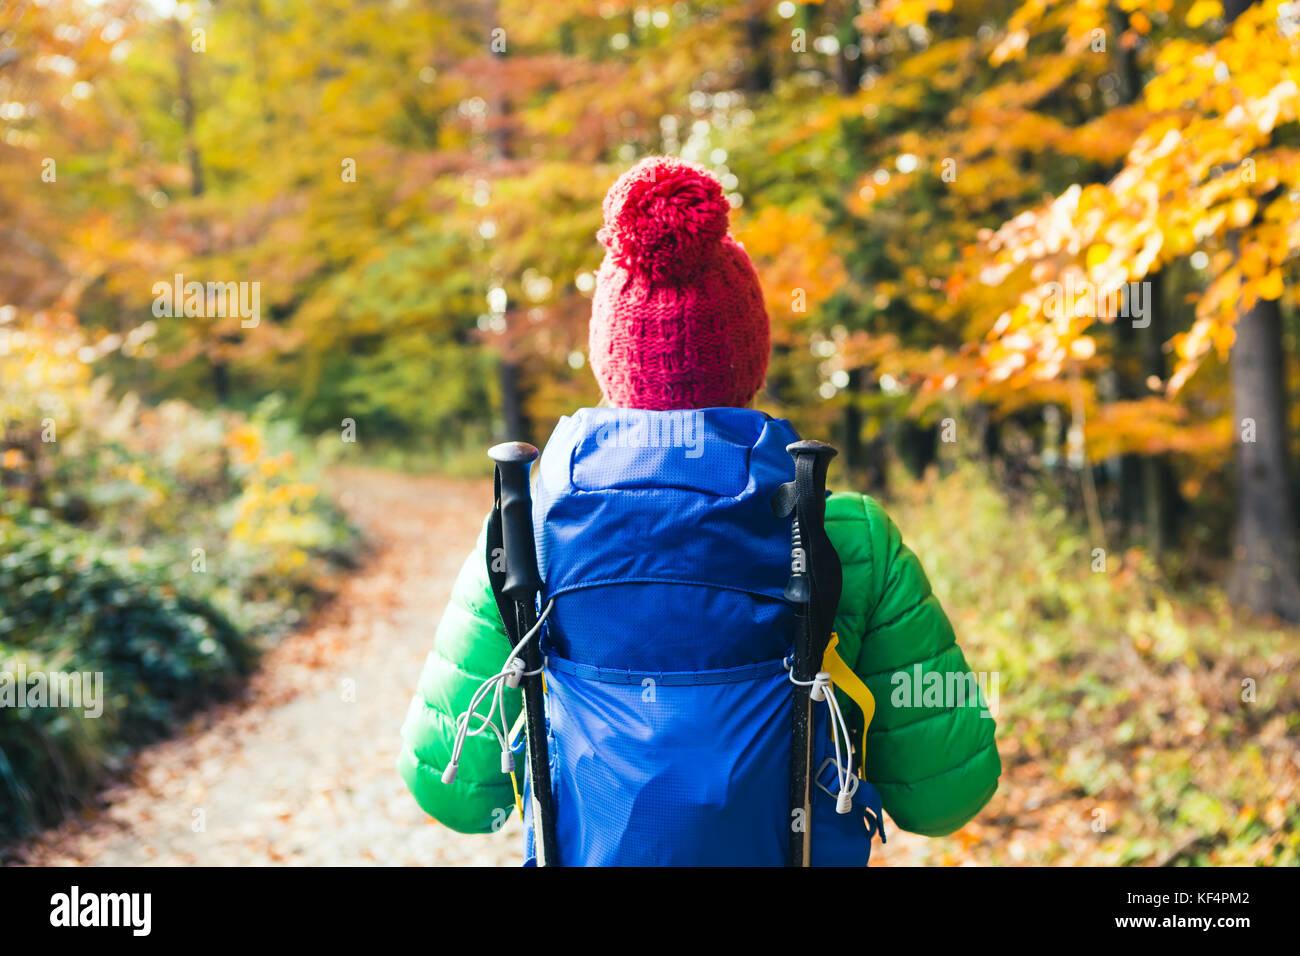 Escursionismo donna con zaino in cerca di ispirazione autunno golden boschi. Viaggi fitness e uno stile di vita Immagini Stock